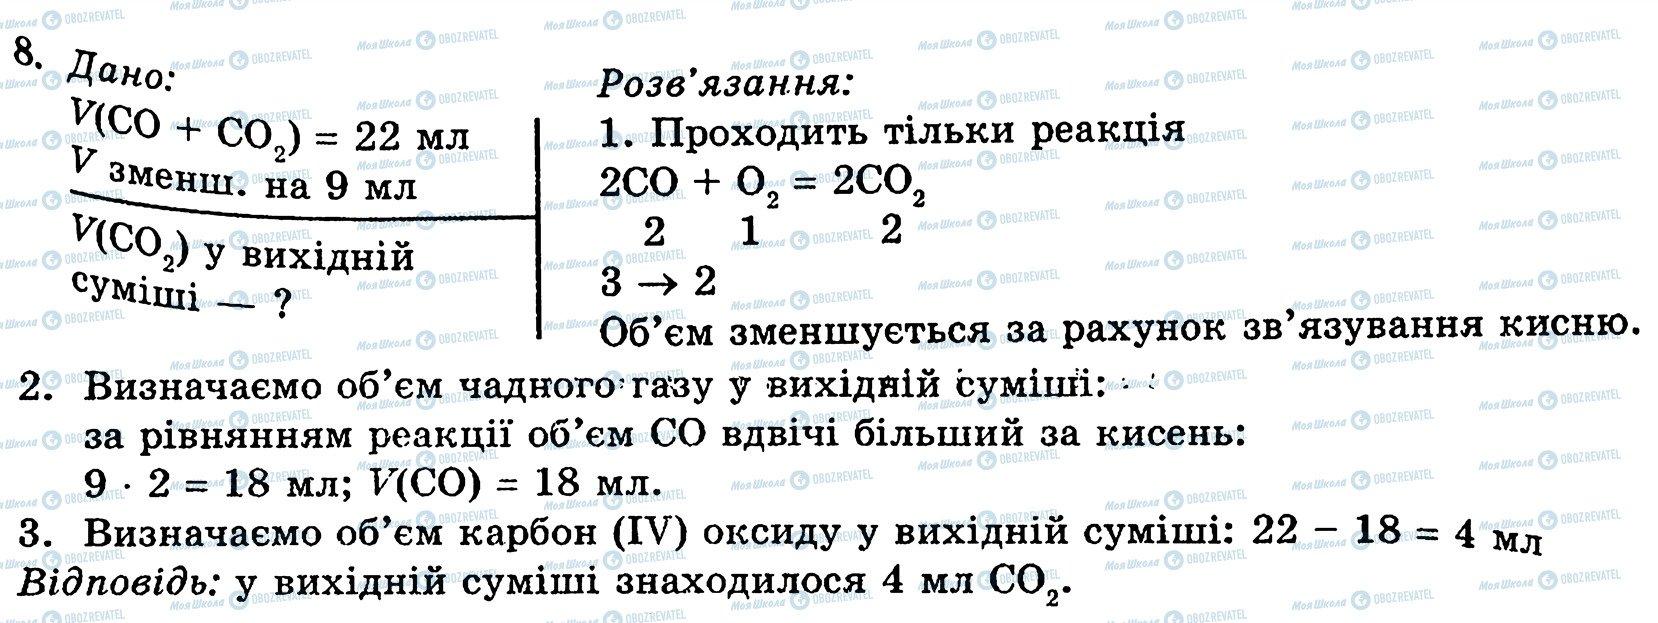 ГДЗ Хімія 10 клас сторінка 8